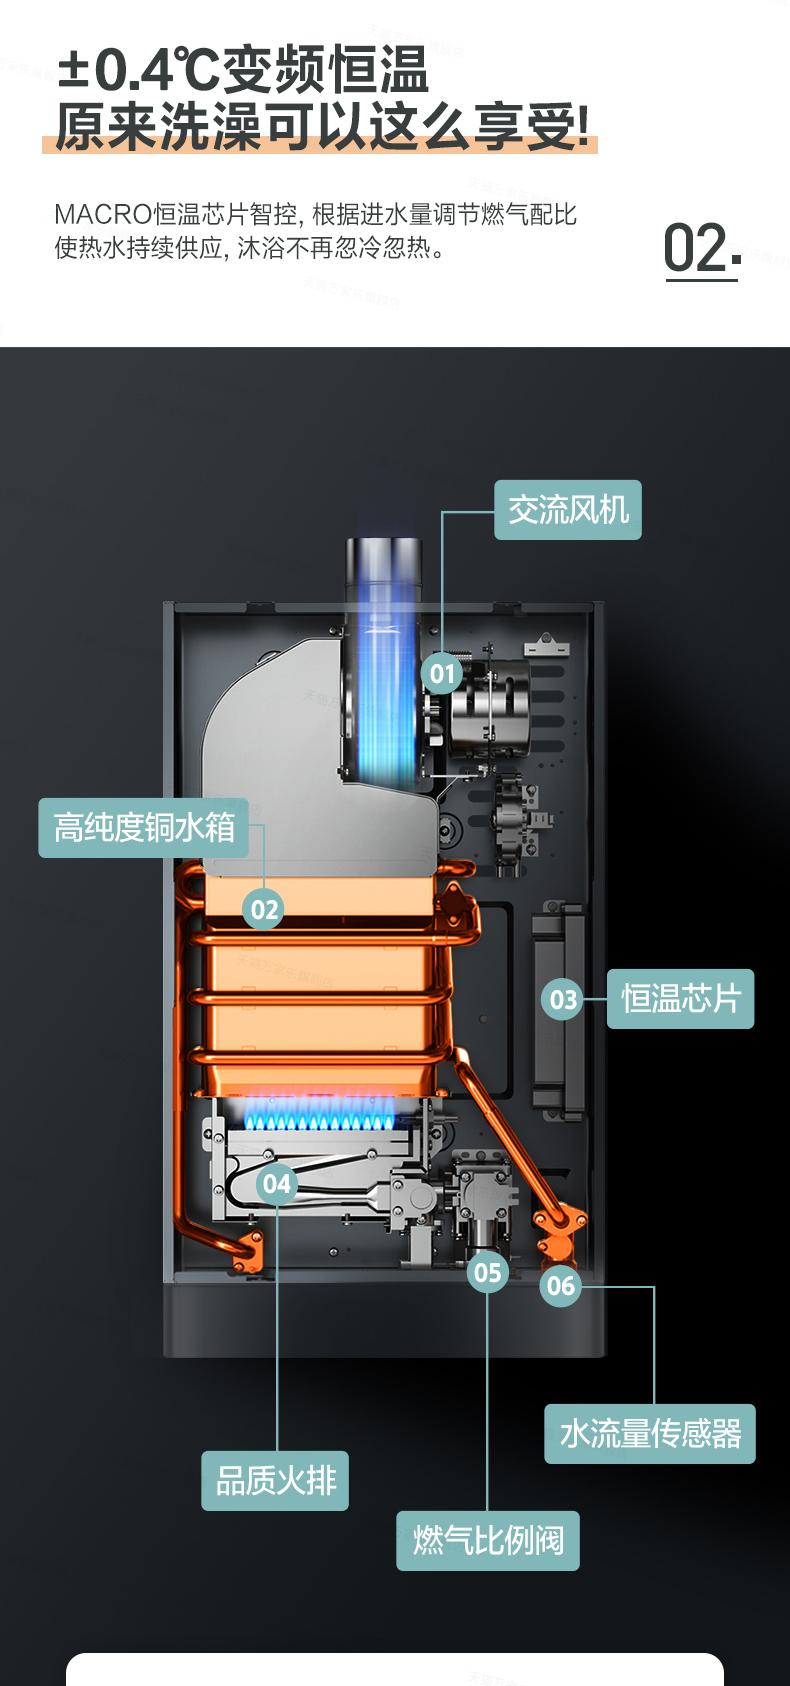 万家乐燃气热水器家用瓦斯升变频恆温强排式旗舰店详细照片